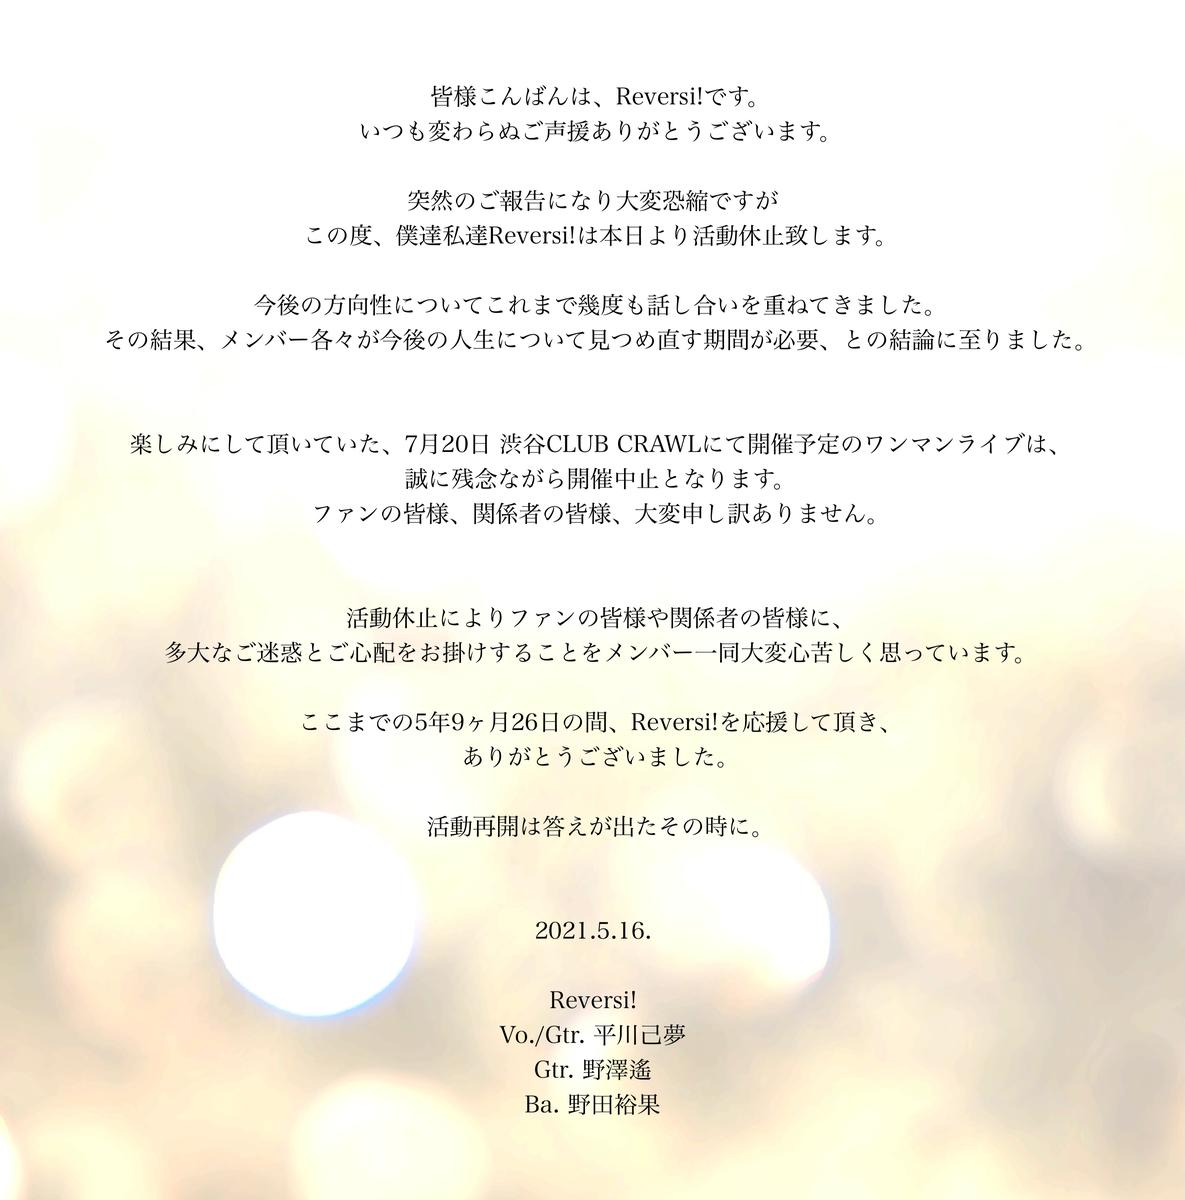 f:id:com_hirakawa:20210515231138j:plain